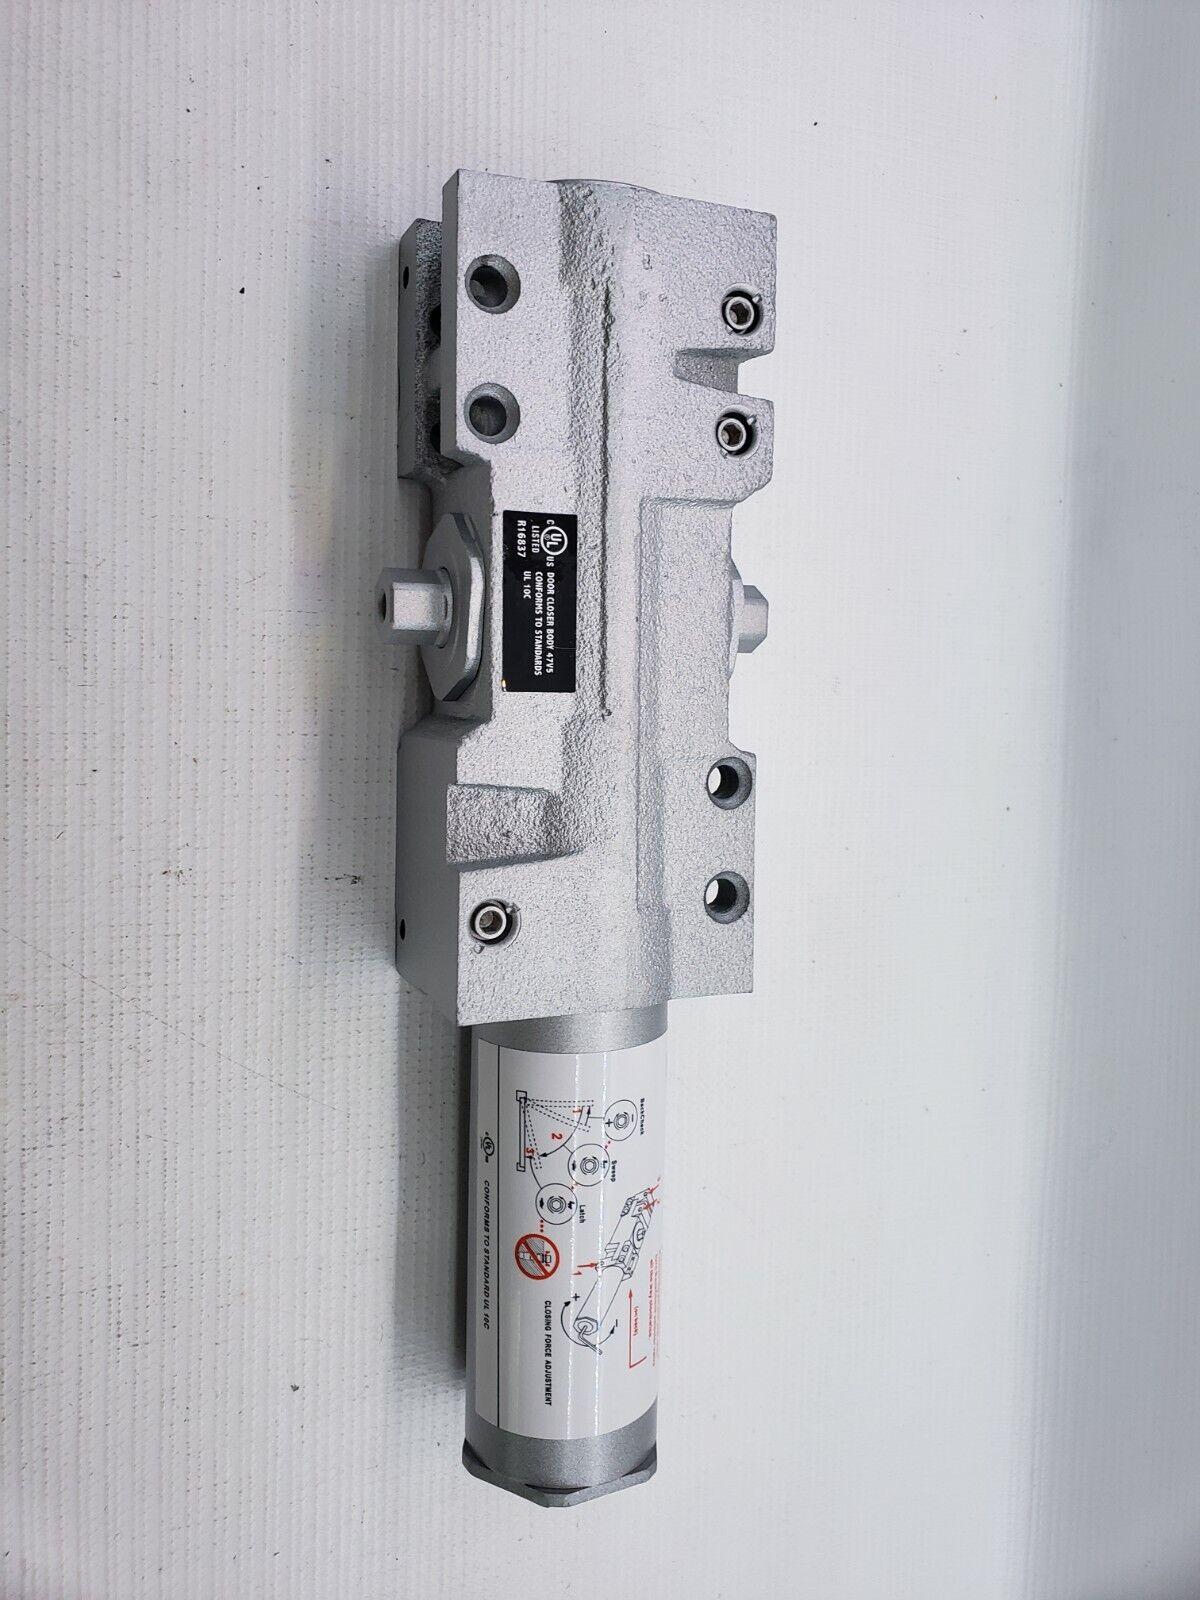 Hager Door Closer Body 11pl R16837 For Sale Online Ebay